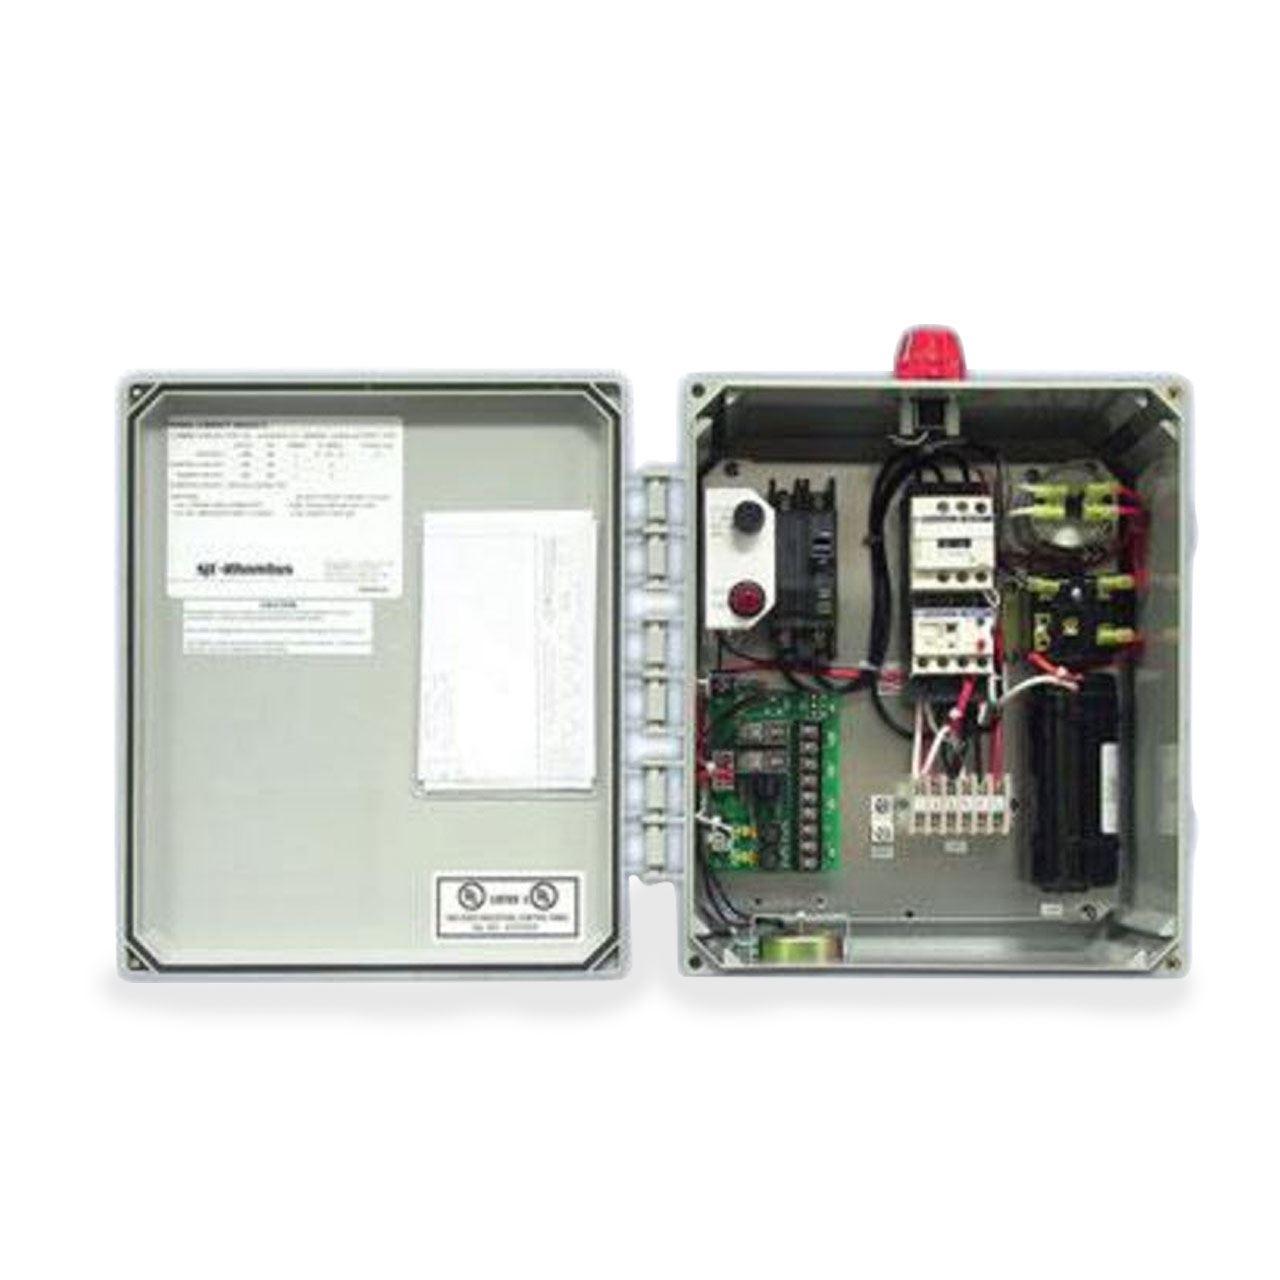 Sony Cdx M610 Wiring Diagram - Wiring Diagram And Schematics